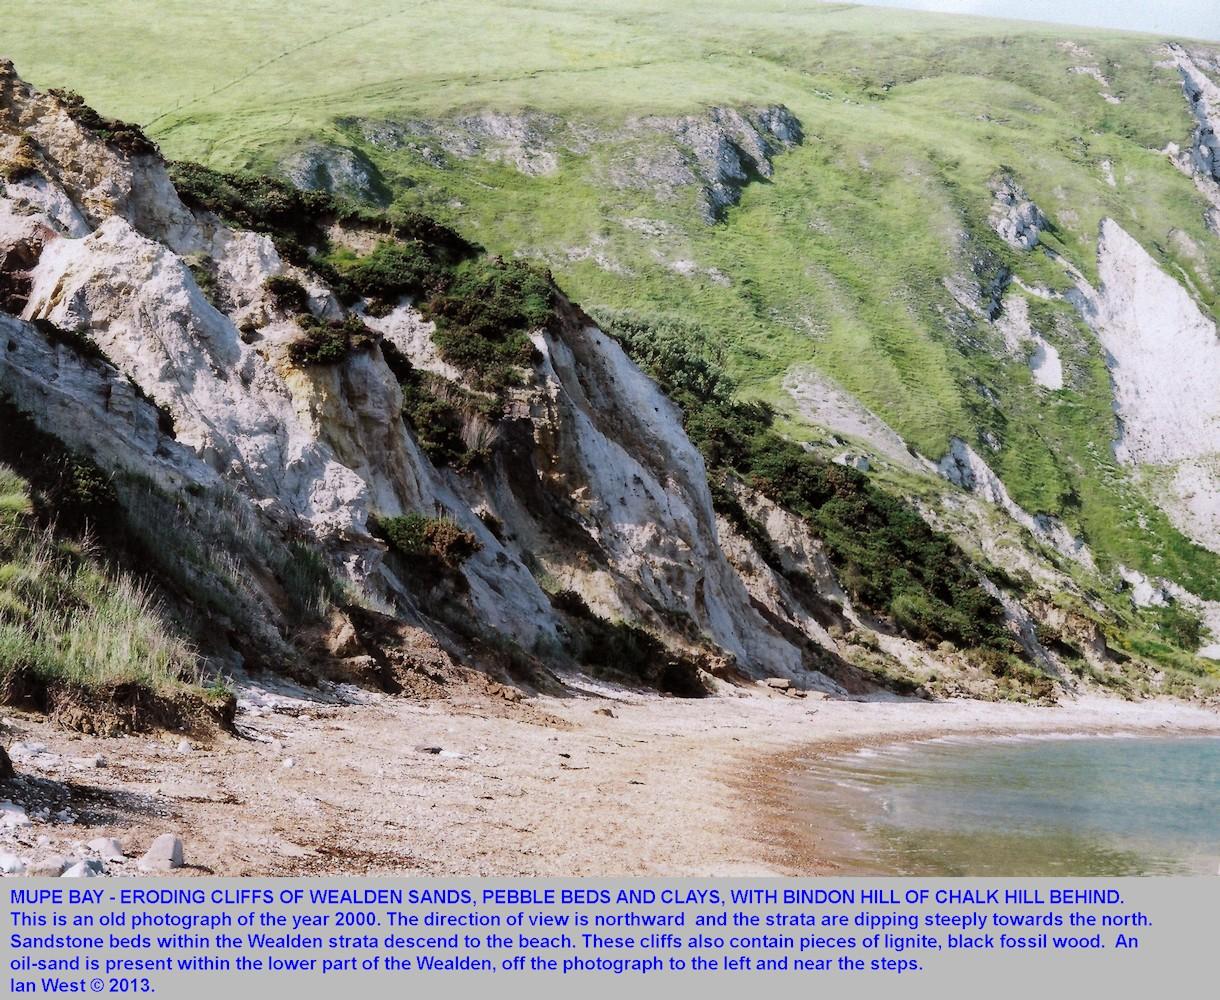 Wealden strata in Mupe Bay, Dorset, 2000